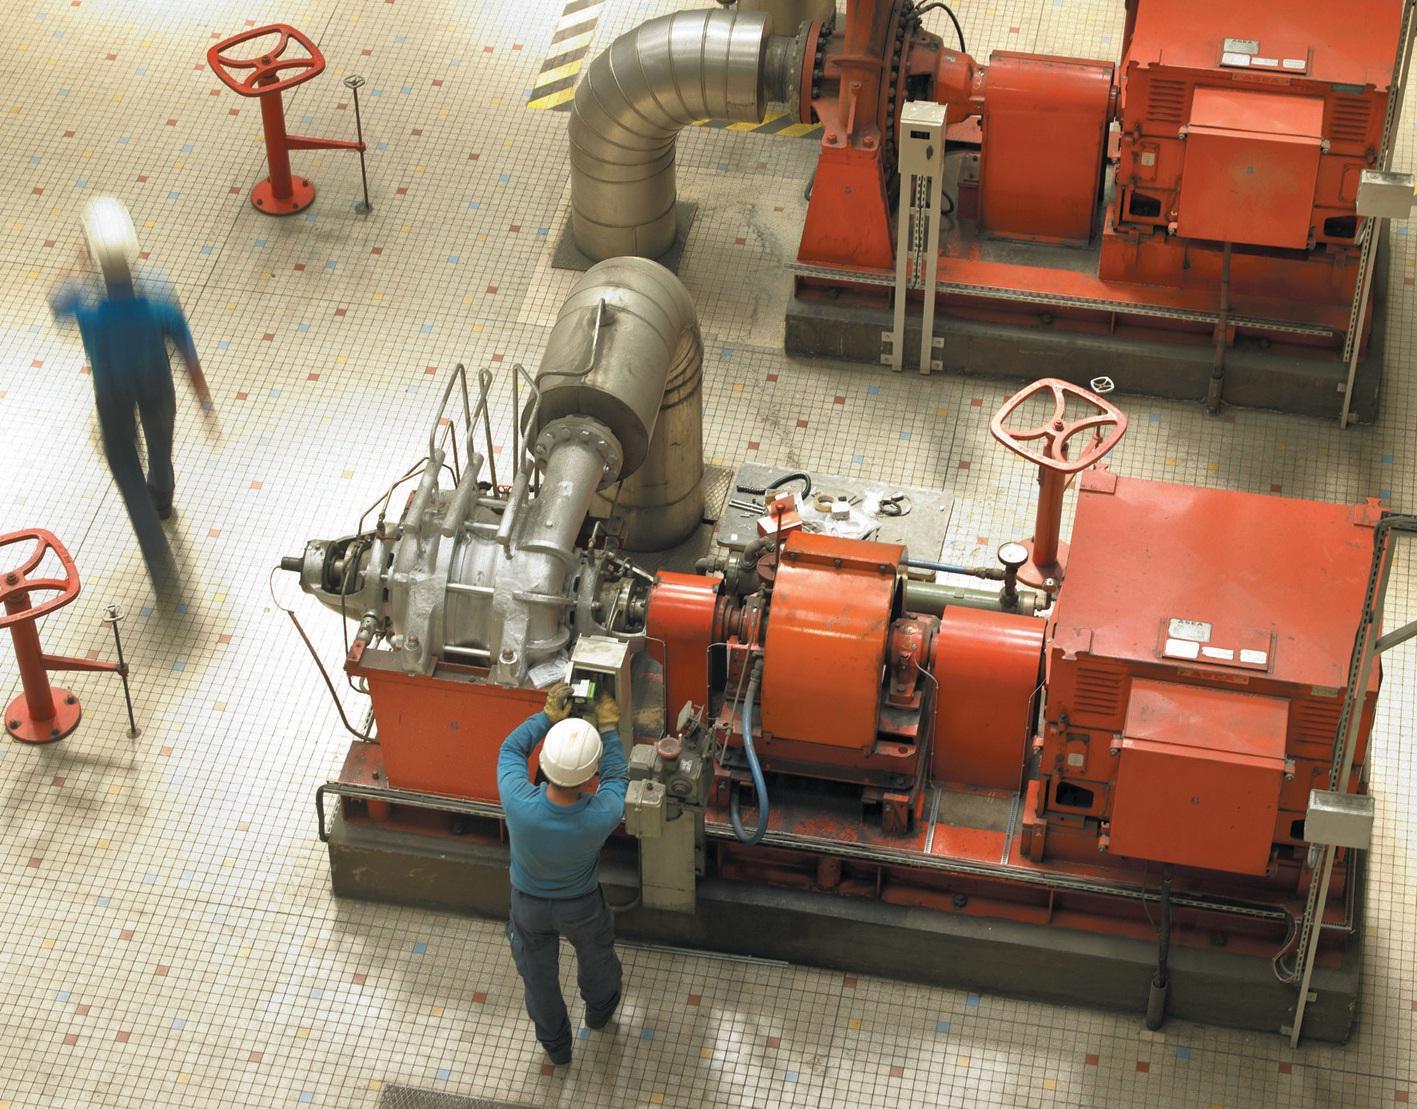 L'Usine d'électricité de Metz est en train de s'équiper d'une centrale biomasse. D'une puissance de 45 MW, elle s'affiche comme l'une des plus grandes centrales de ce type dans l'Hexagone. L'inauguration officielle est prévue en 2013.